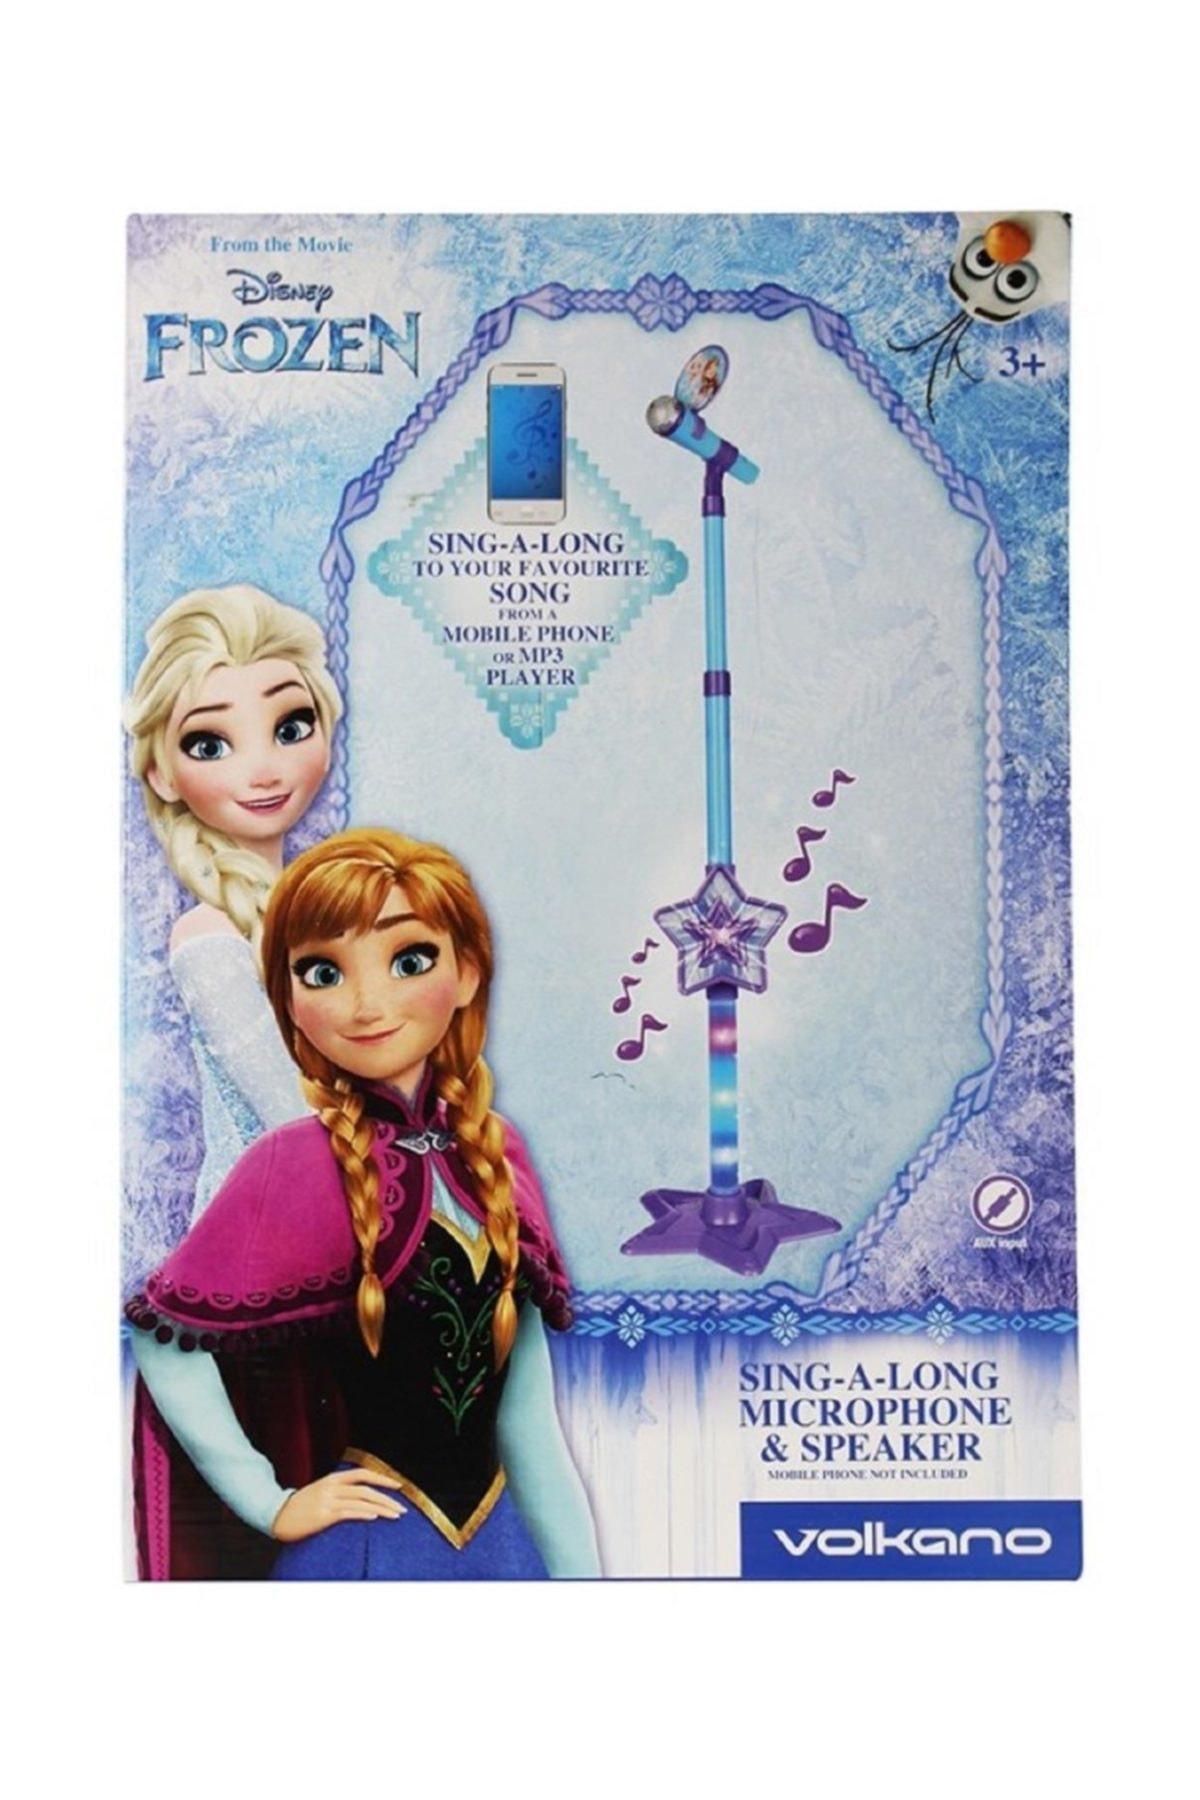 Volkano Disney Frozen Karlar Ülkesi Ayaklı Mikrofon Seti Karaokeli Işıklı Lisanslı Dy-10701-fr